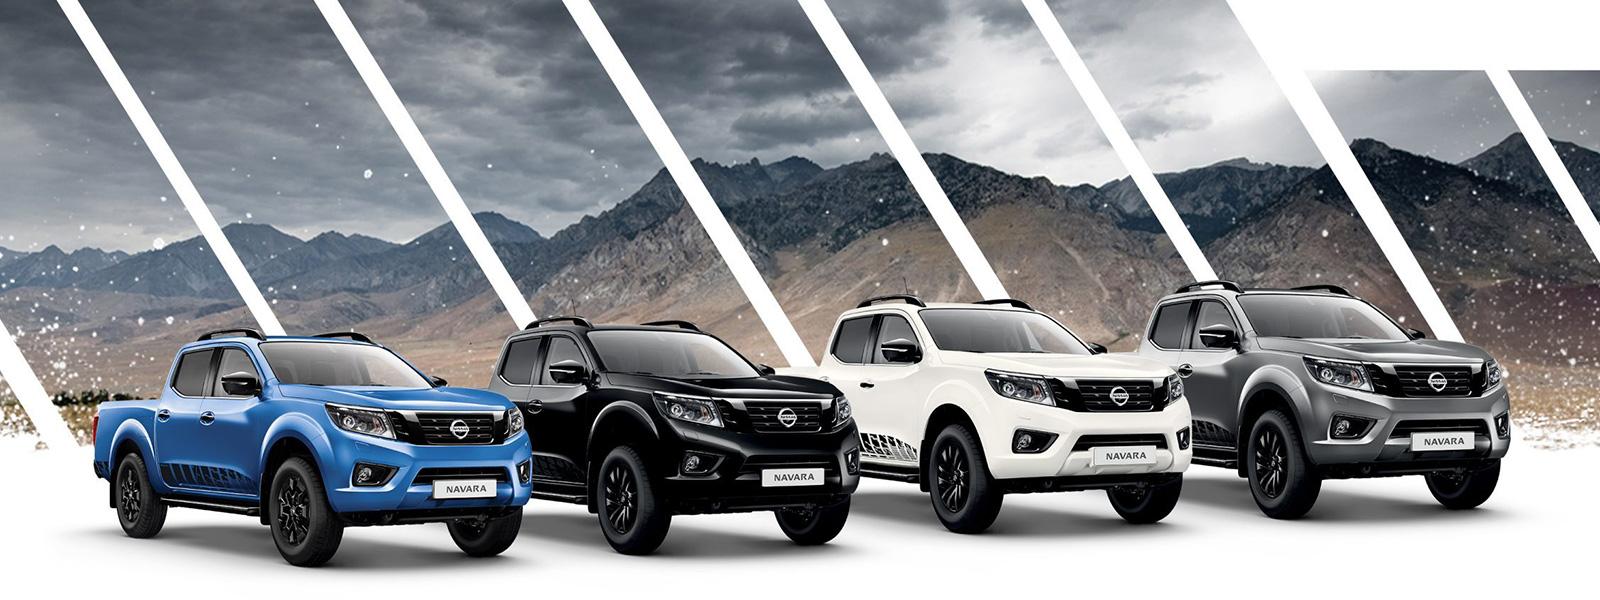 Nissan Navara N-Guard June 2020